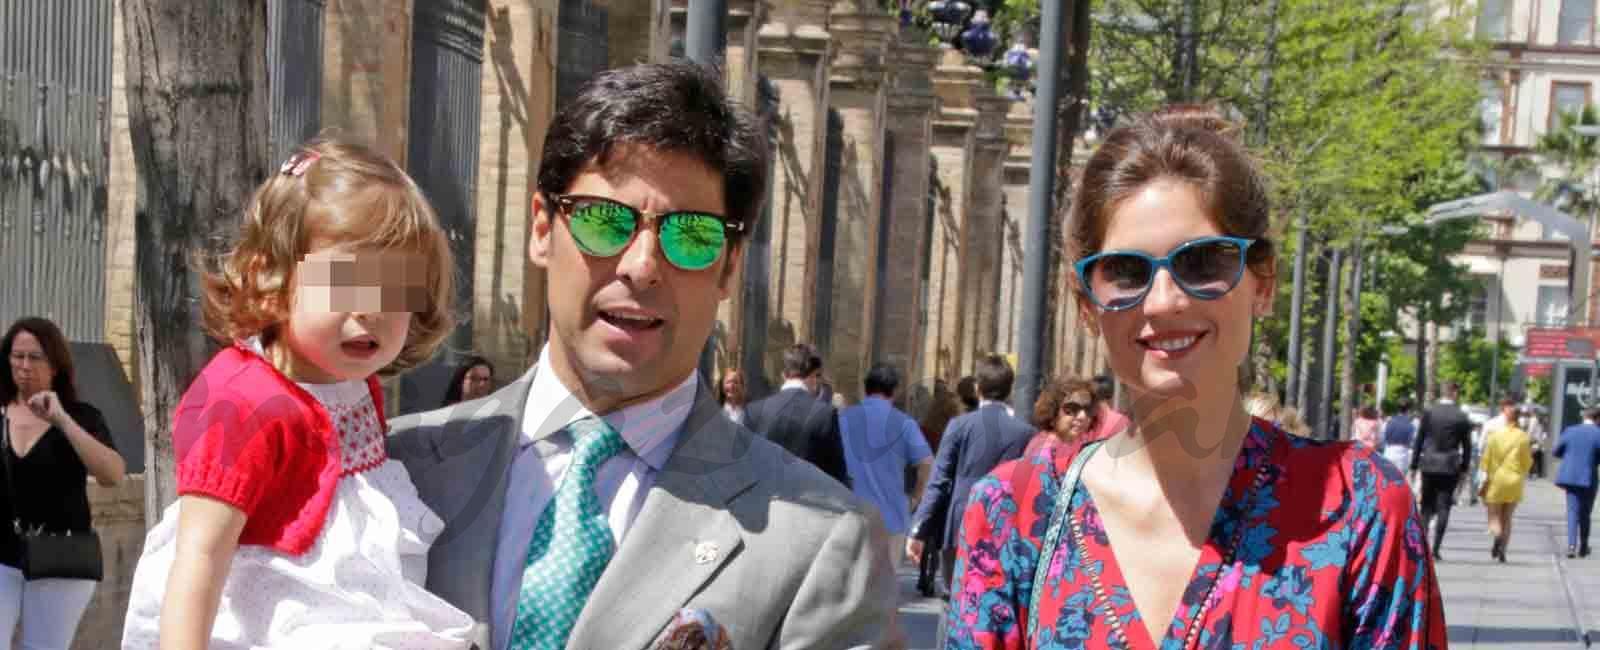 Francisco Rivera presume de hija en la procesión de la Borriquita de Sevilla